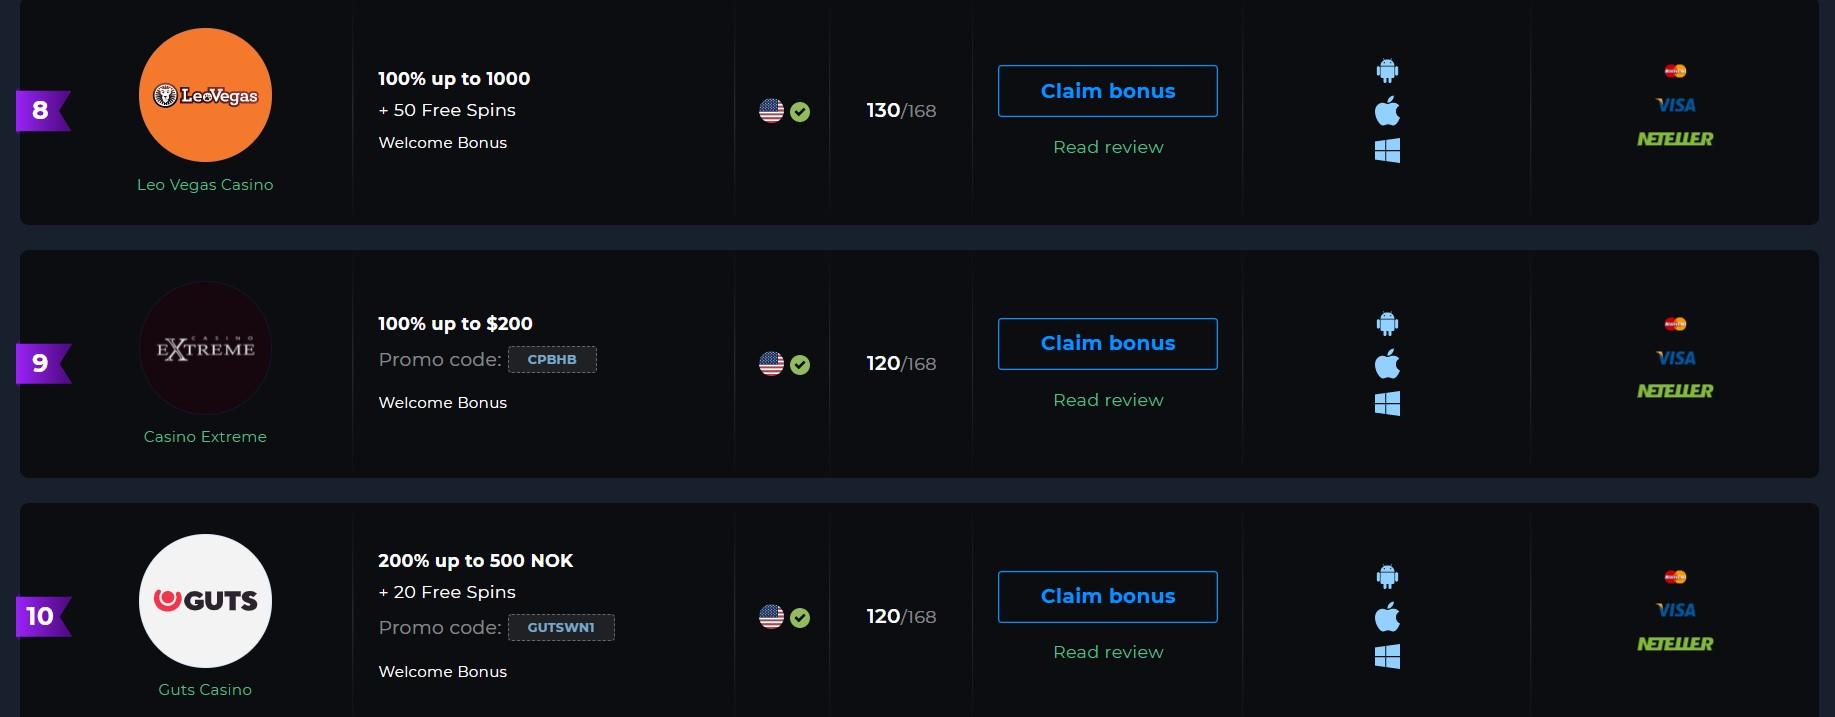 How to Claim 45 Euros Bonus